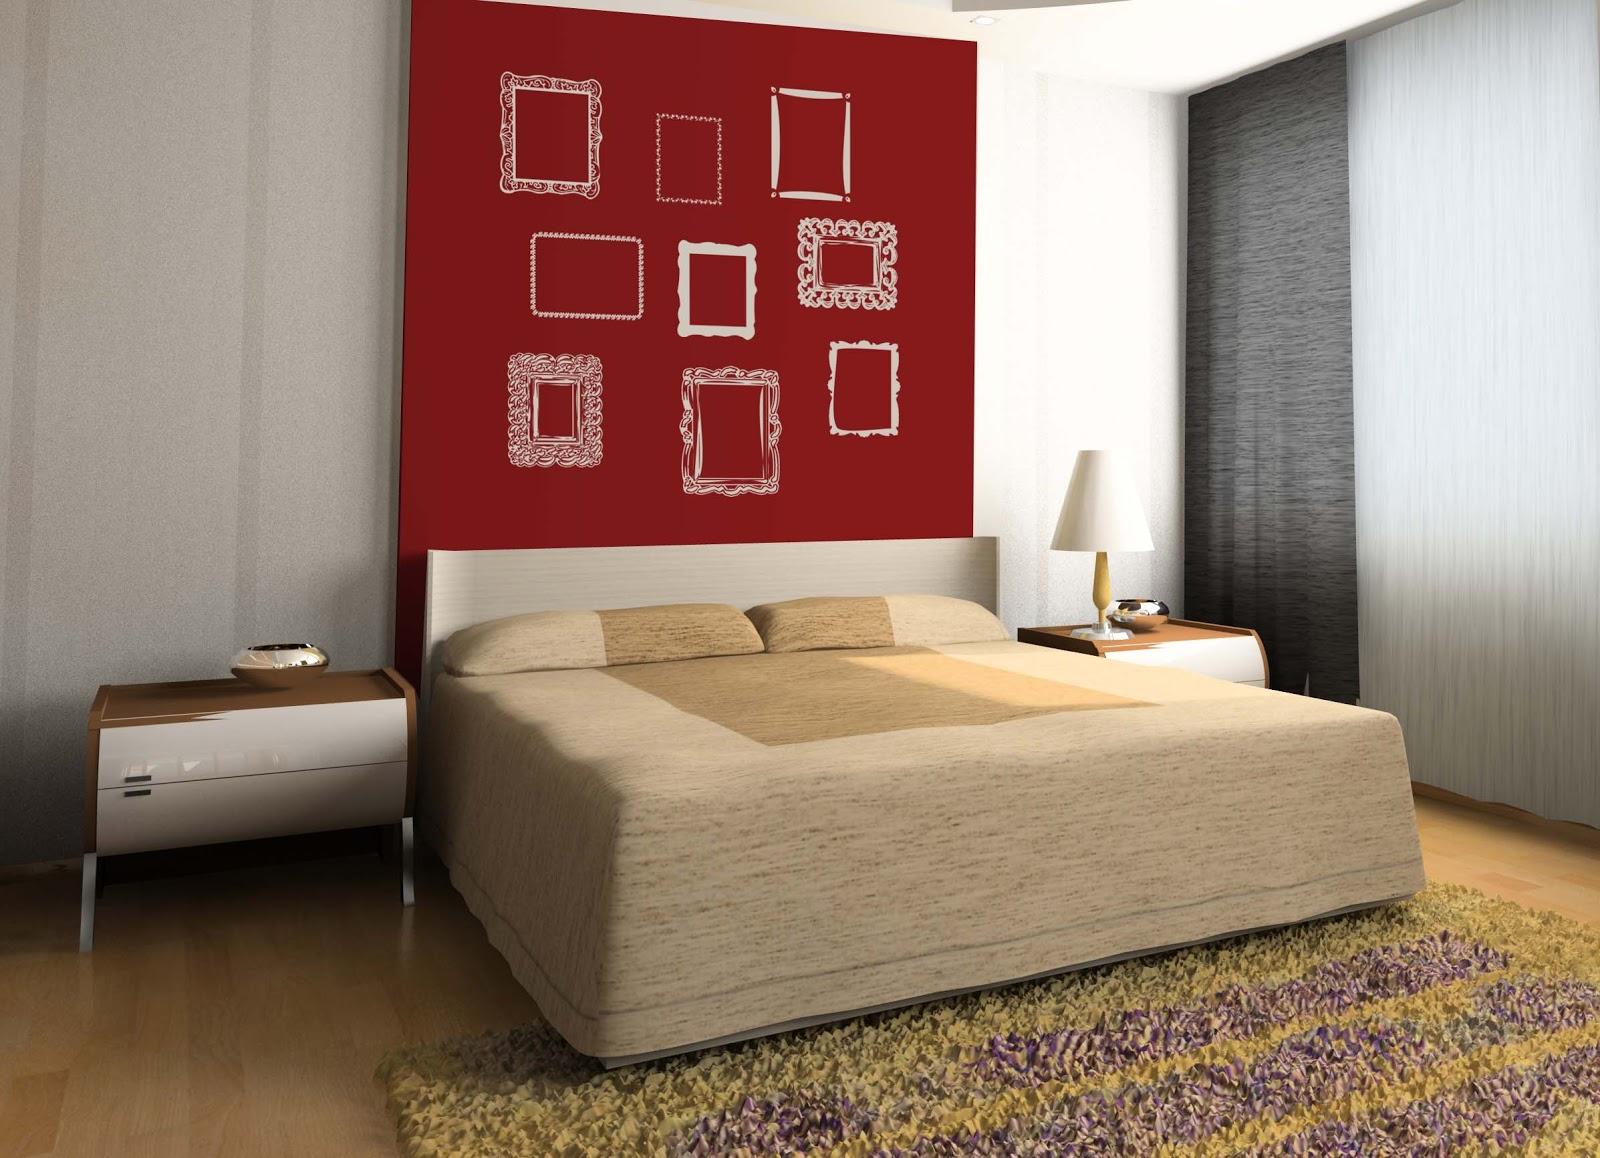 Vinilos decorativos para dormitorios martacorgo for Viniles para recamaras